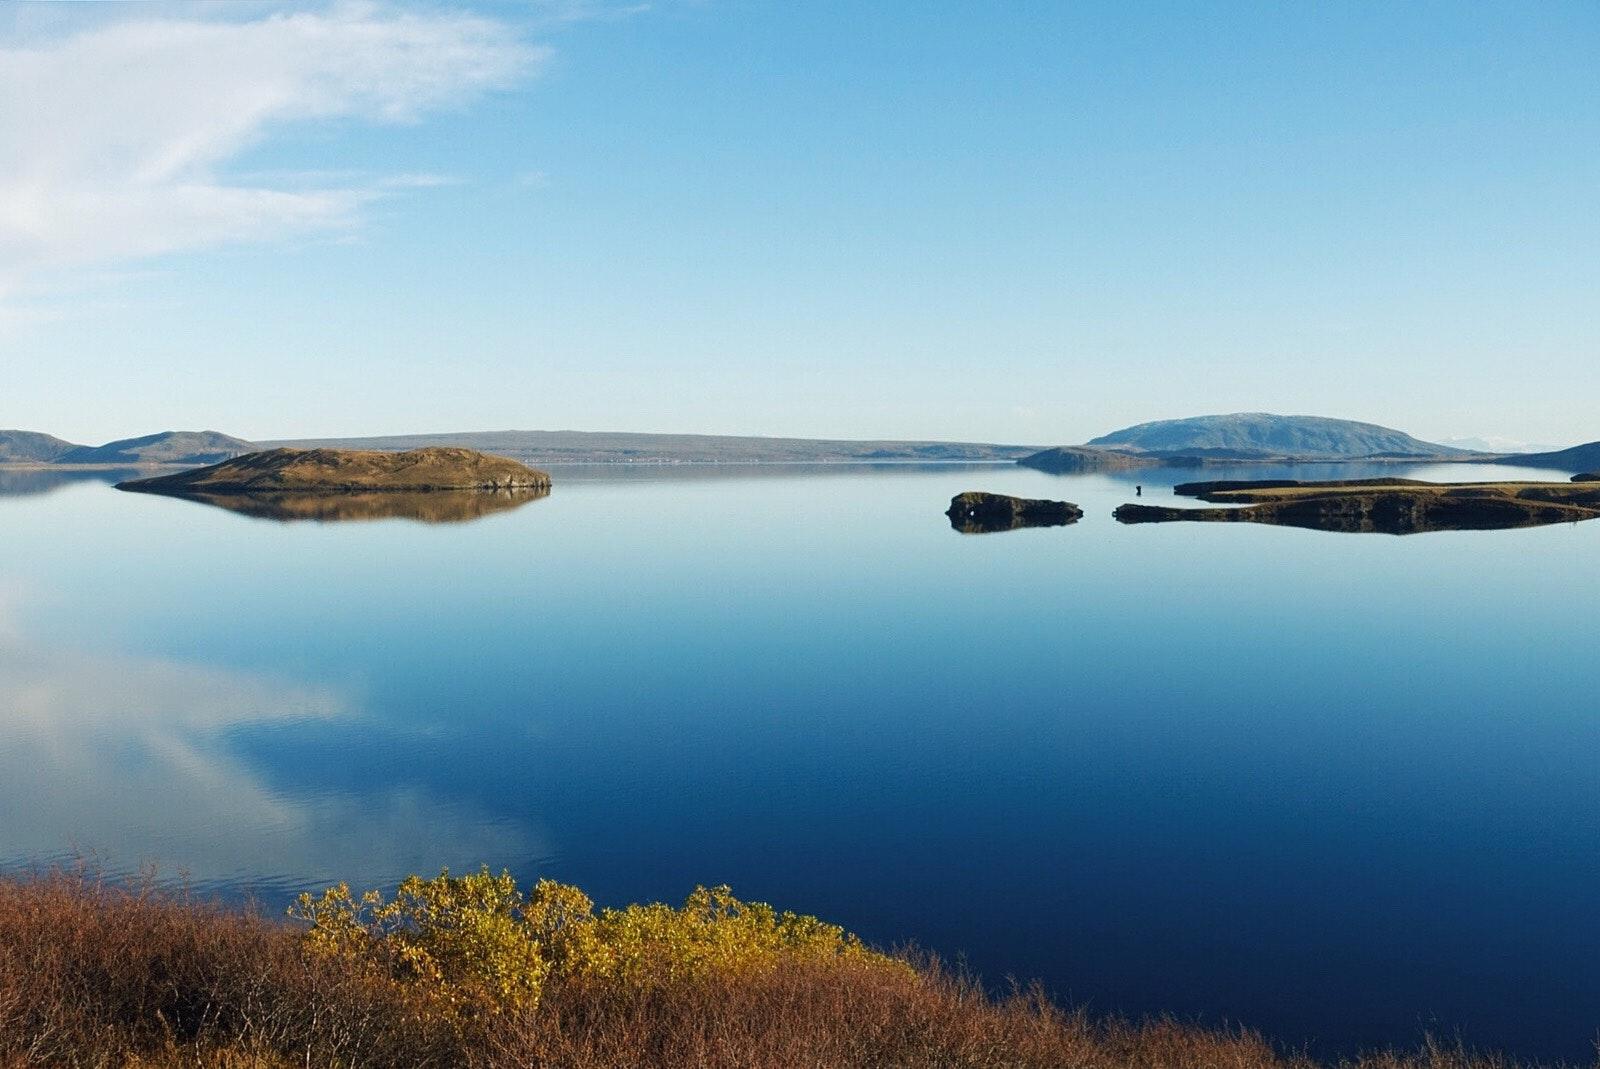 冰岛辛格维利尔湖Þingvallavatn